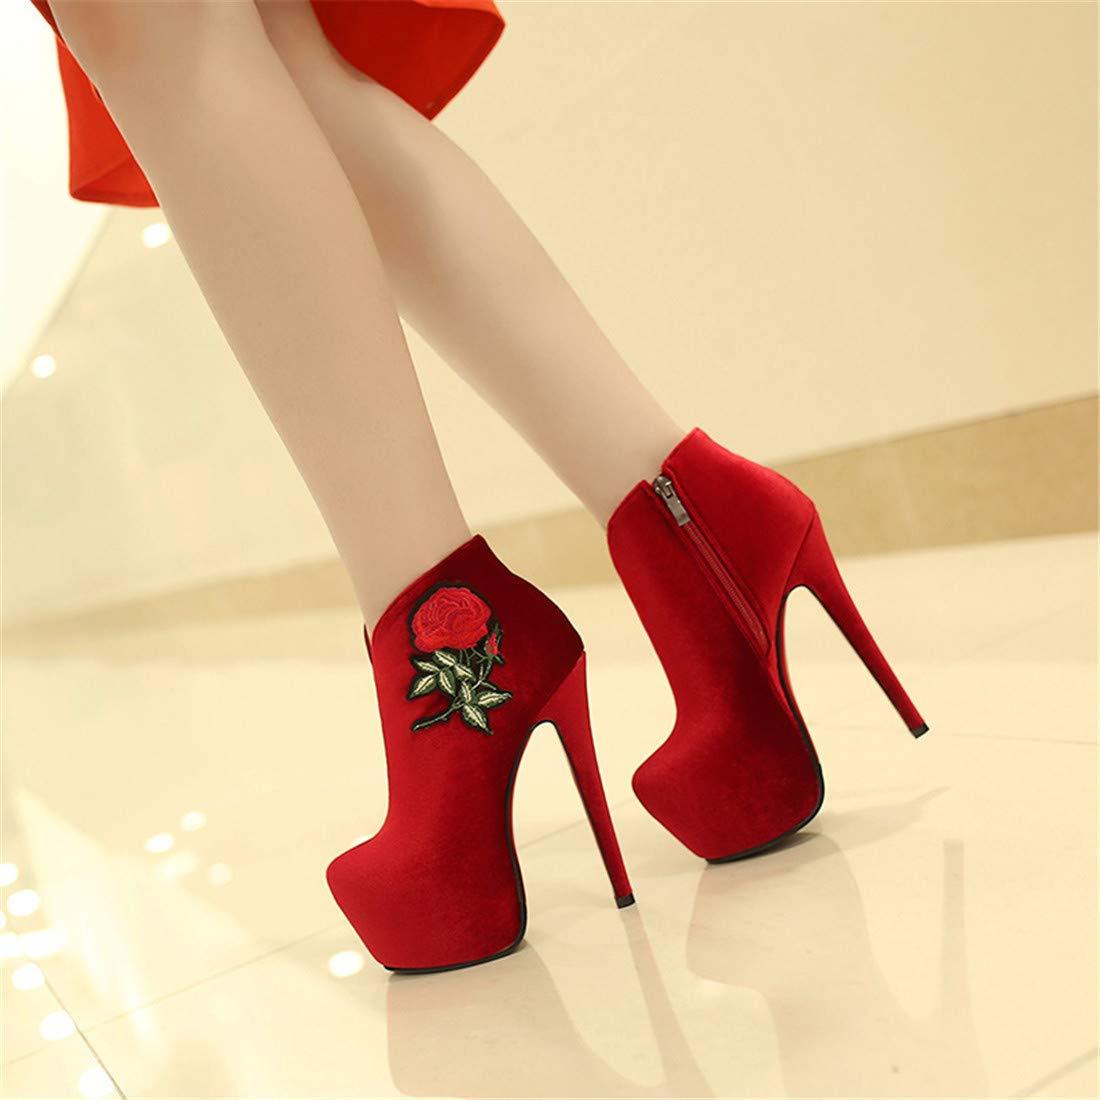 Stiefel   super high Heels Heels Heels für Frauen   sexy Damen hochhackige Stiefel 0265de